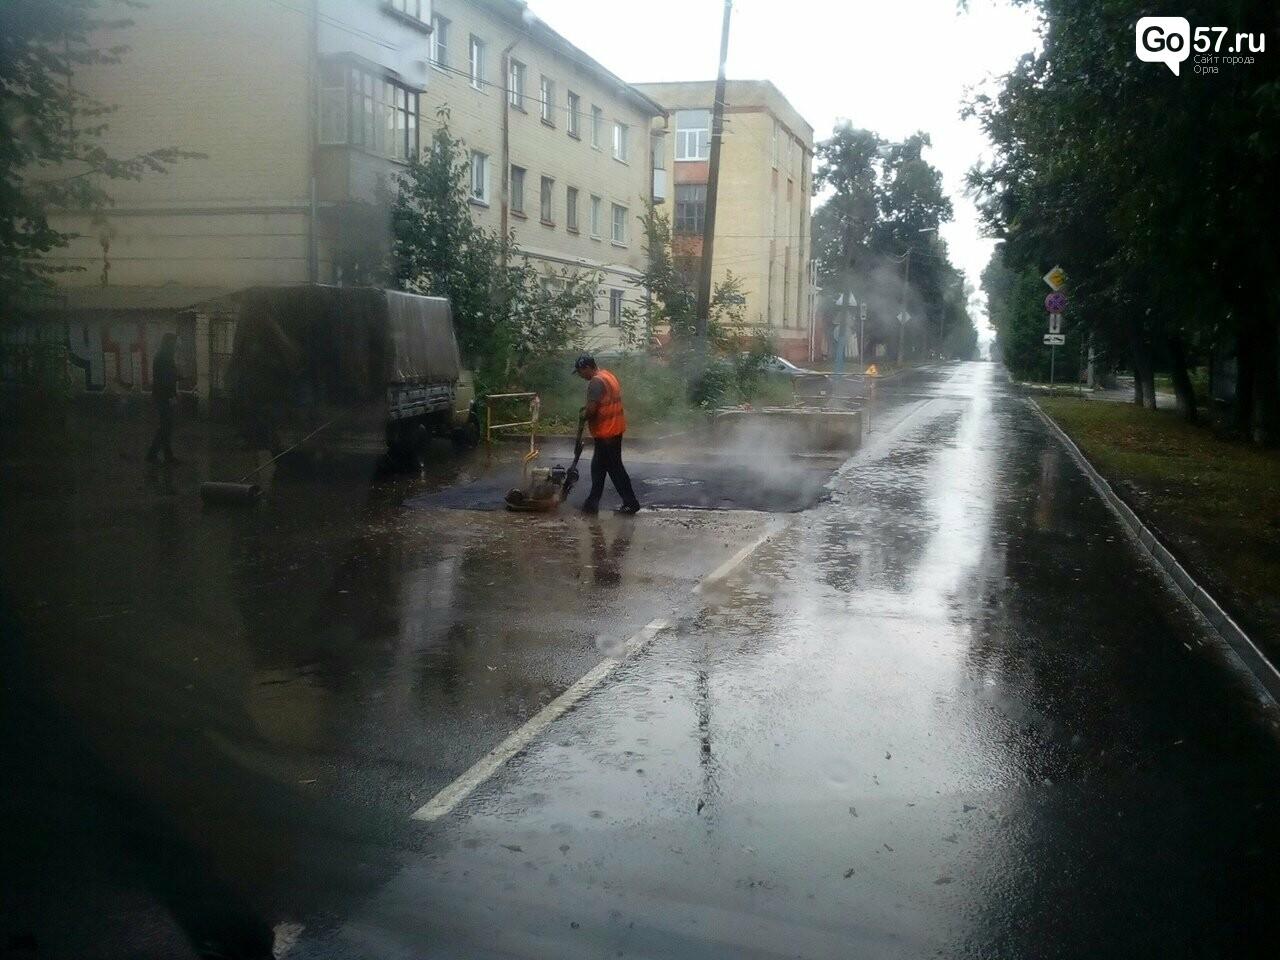 Орловцы осудили кладку асфальта в дождливую погоду, фото-2